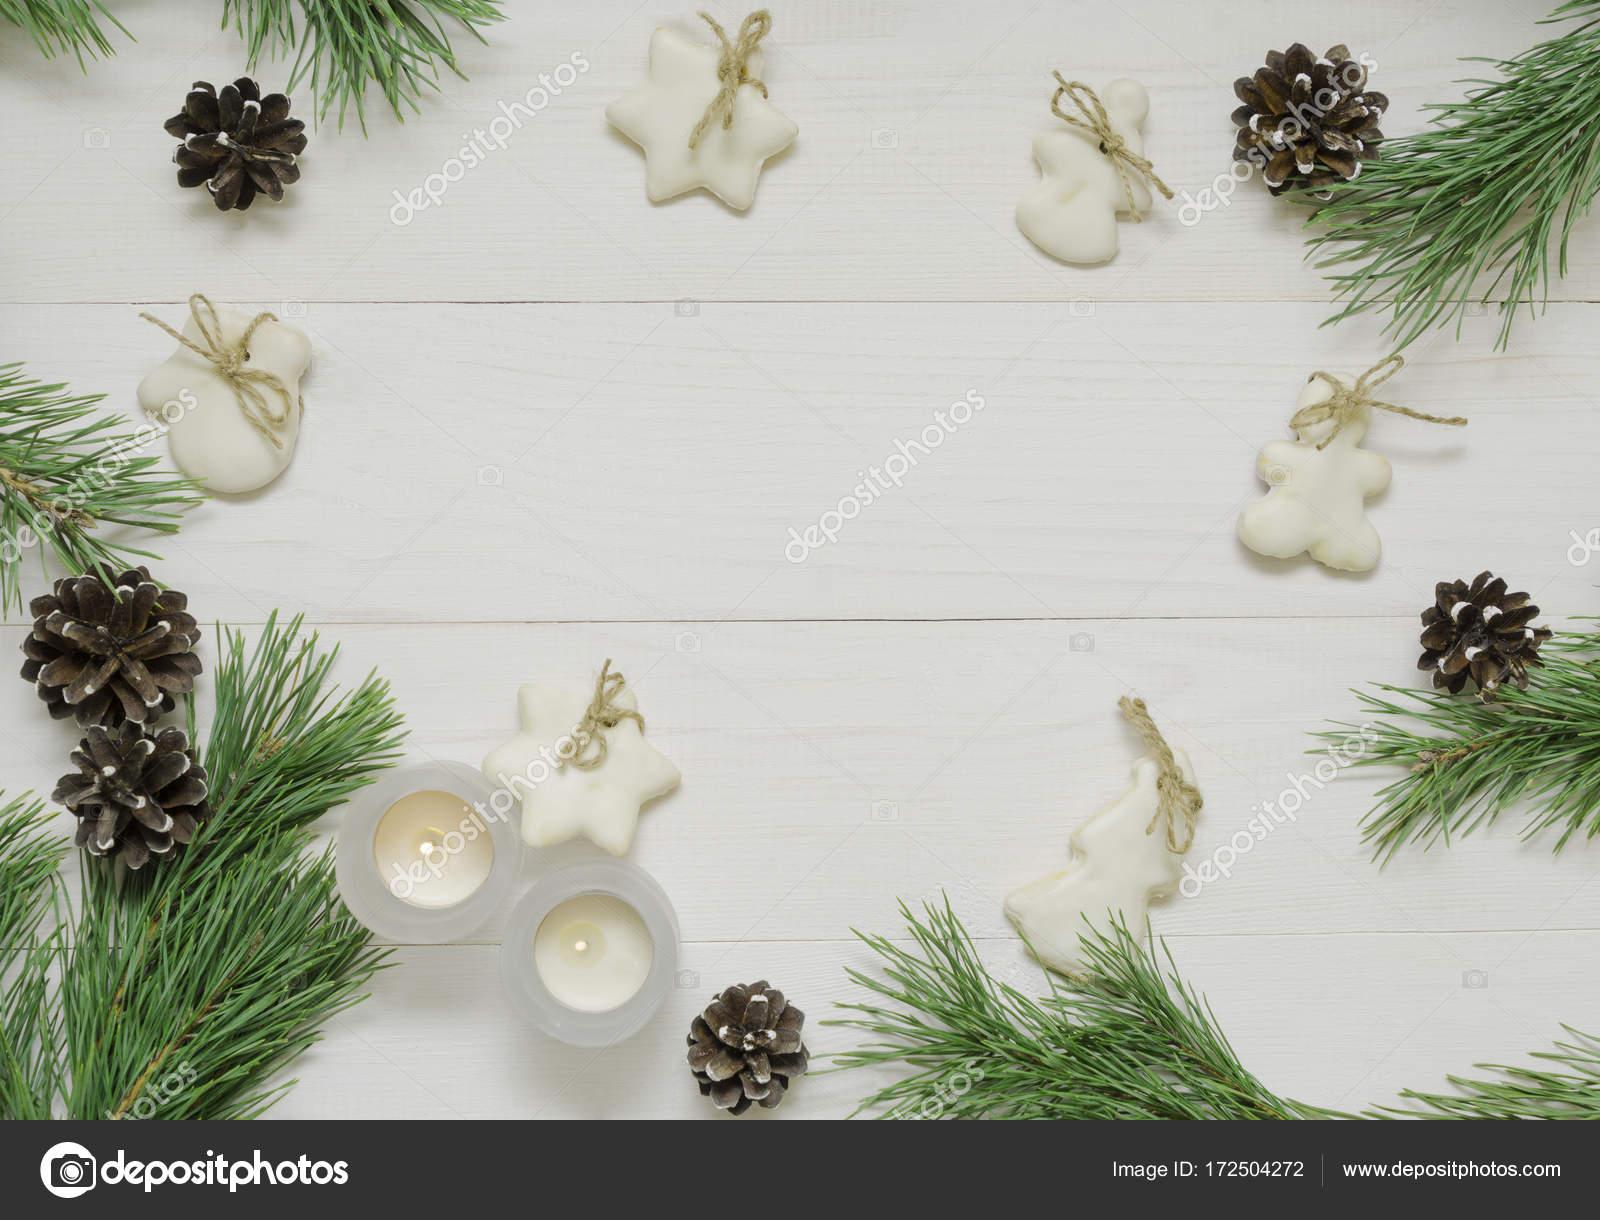 Weihnachten-Rahmen, Hintergrund für die Grußkarte. Weihnachts ...